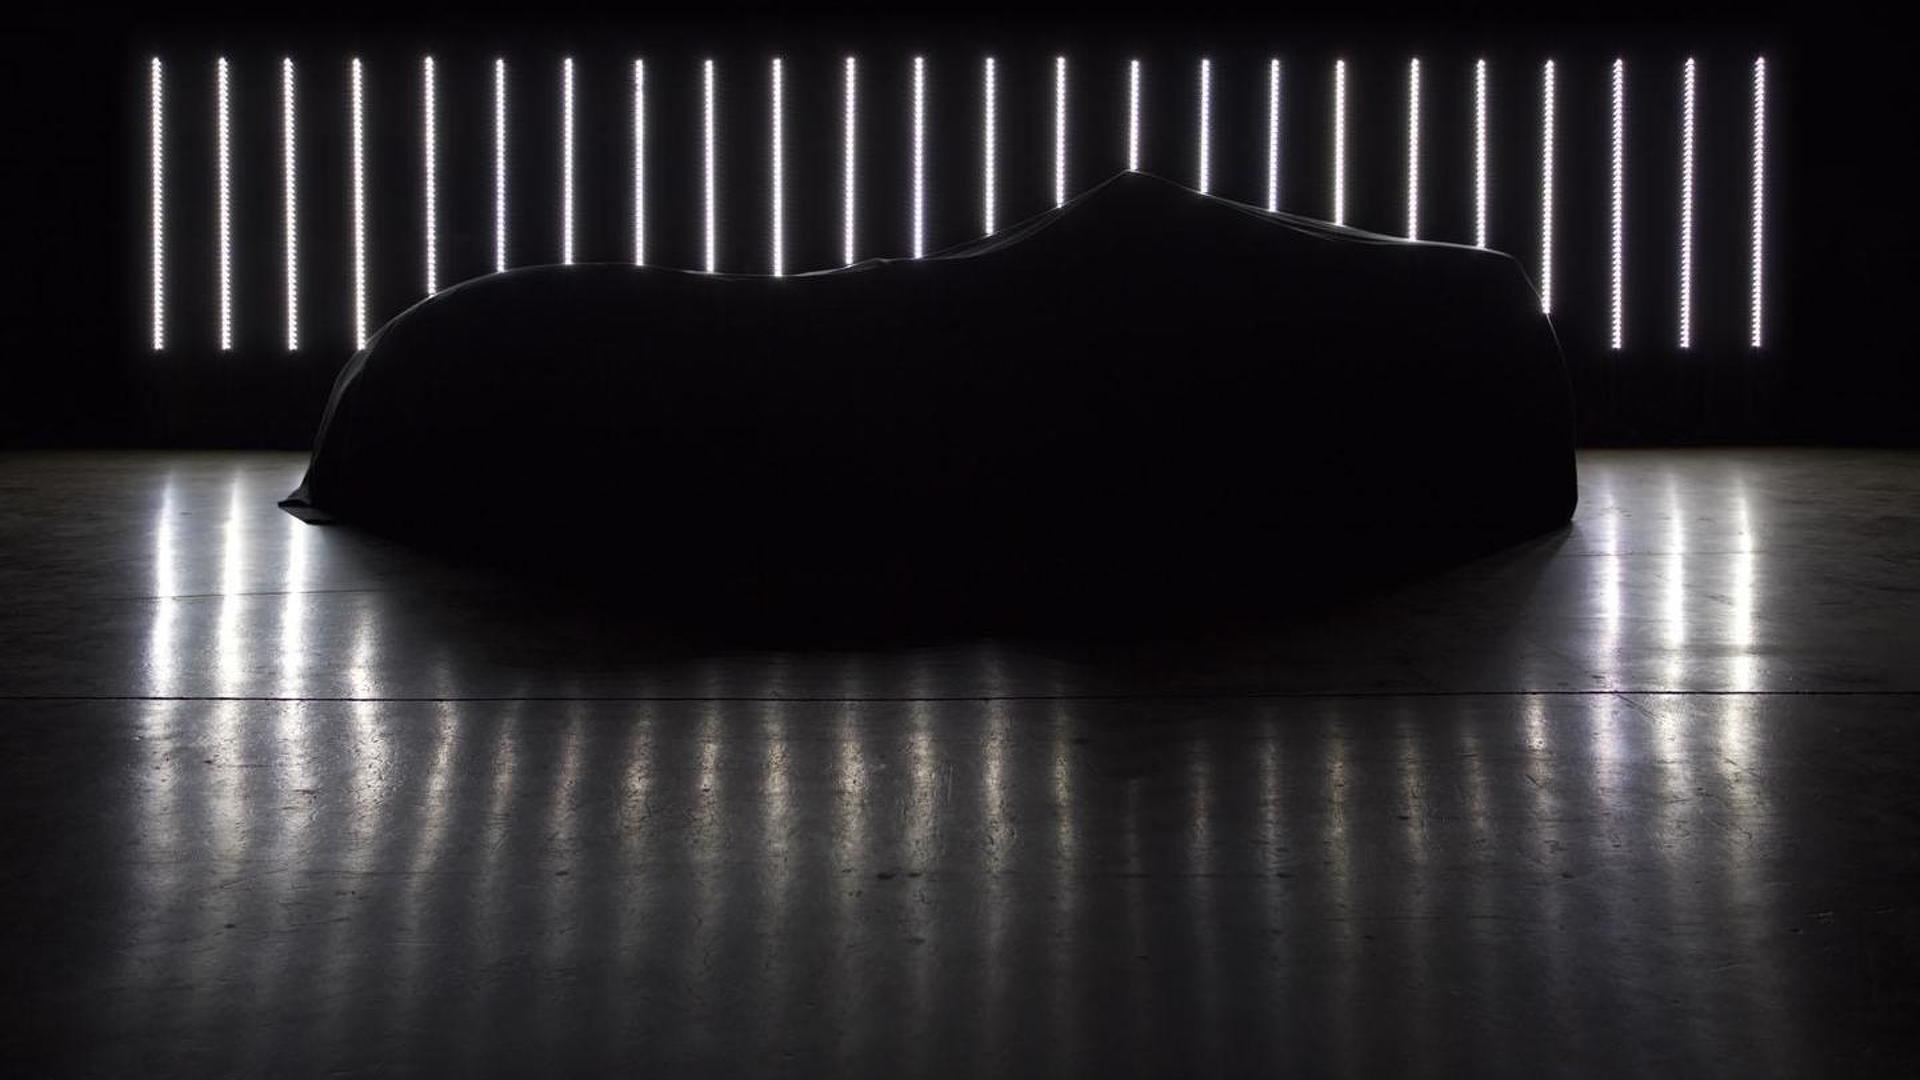 Magnum MK5 returns in second teaser [video]